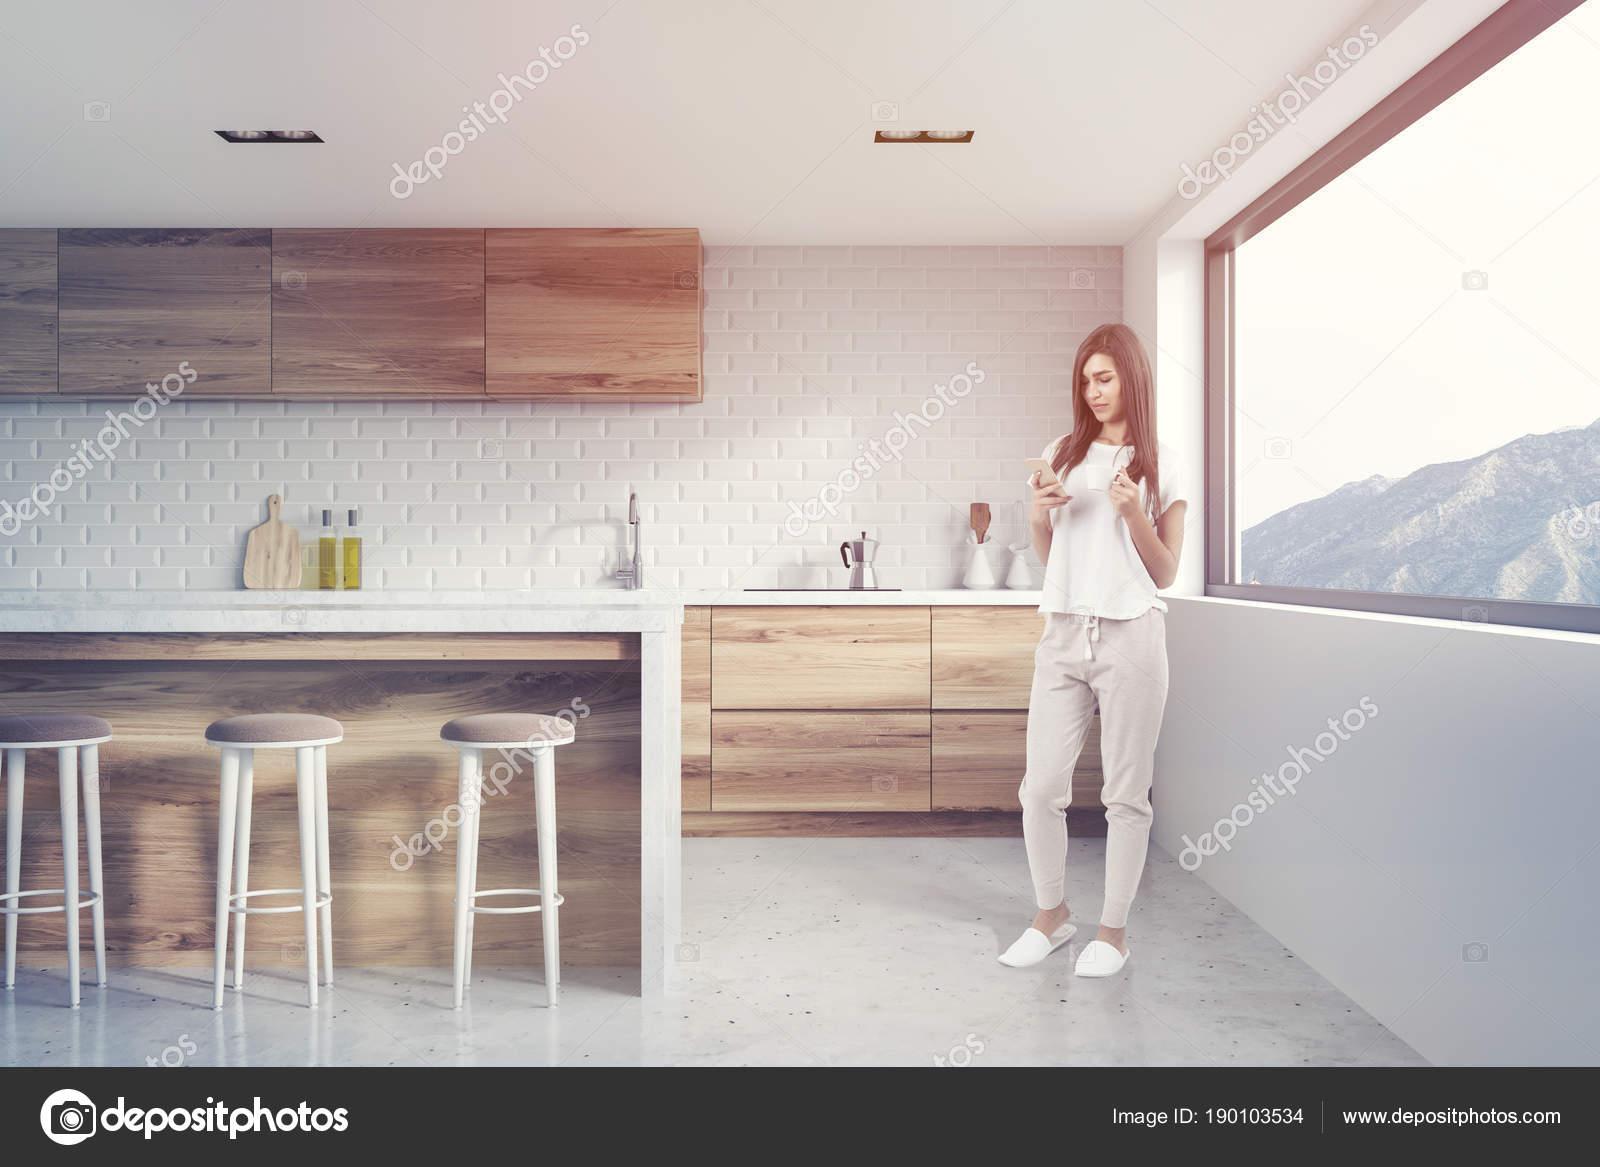 Intérieur De Cuisine Briques Blanches Avec Un Plancher De Béton, Des  Comptoirs En Bois Et Une Grande Fenêtre Avec Une Vue Parfaite. Une Femme.